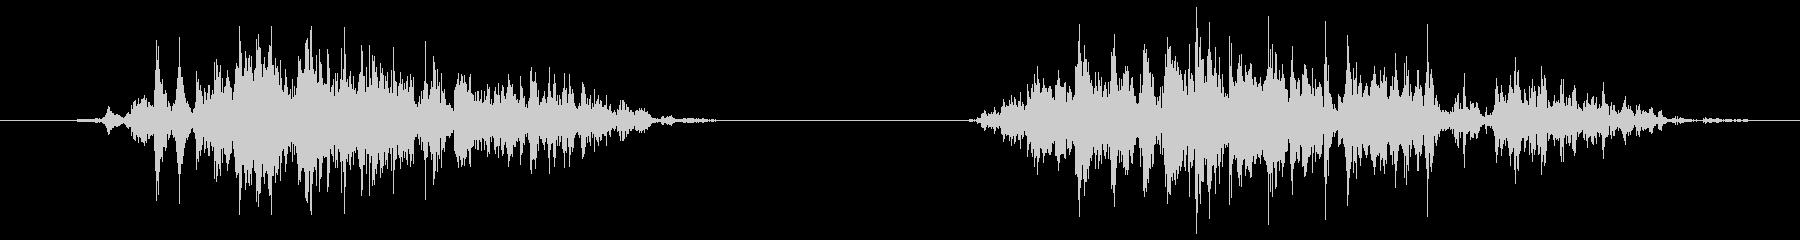 ストロー 吸う(ズッ、ズスッ)の未再生の波形